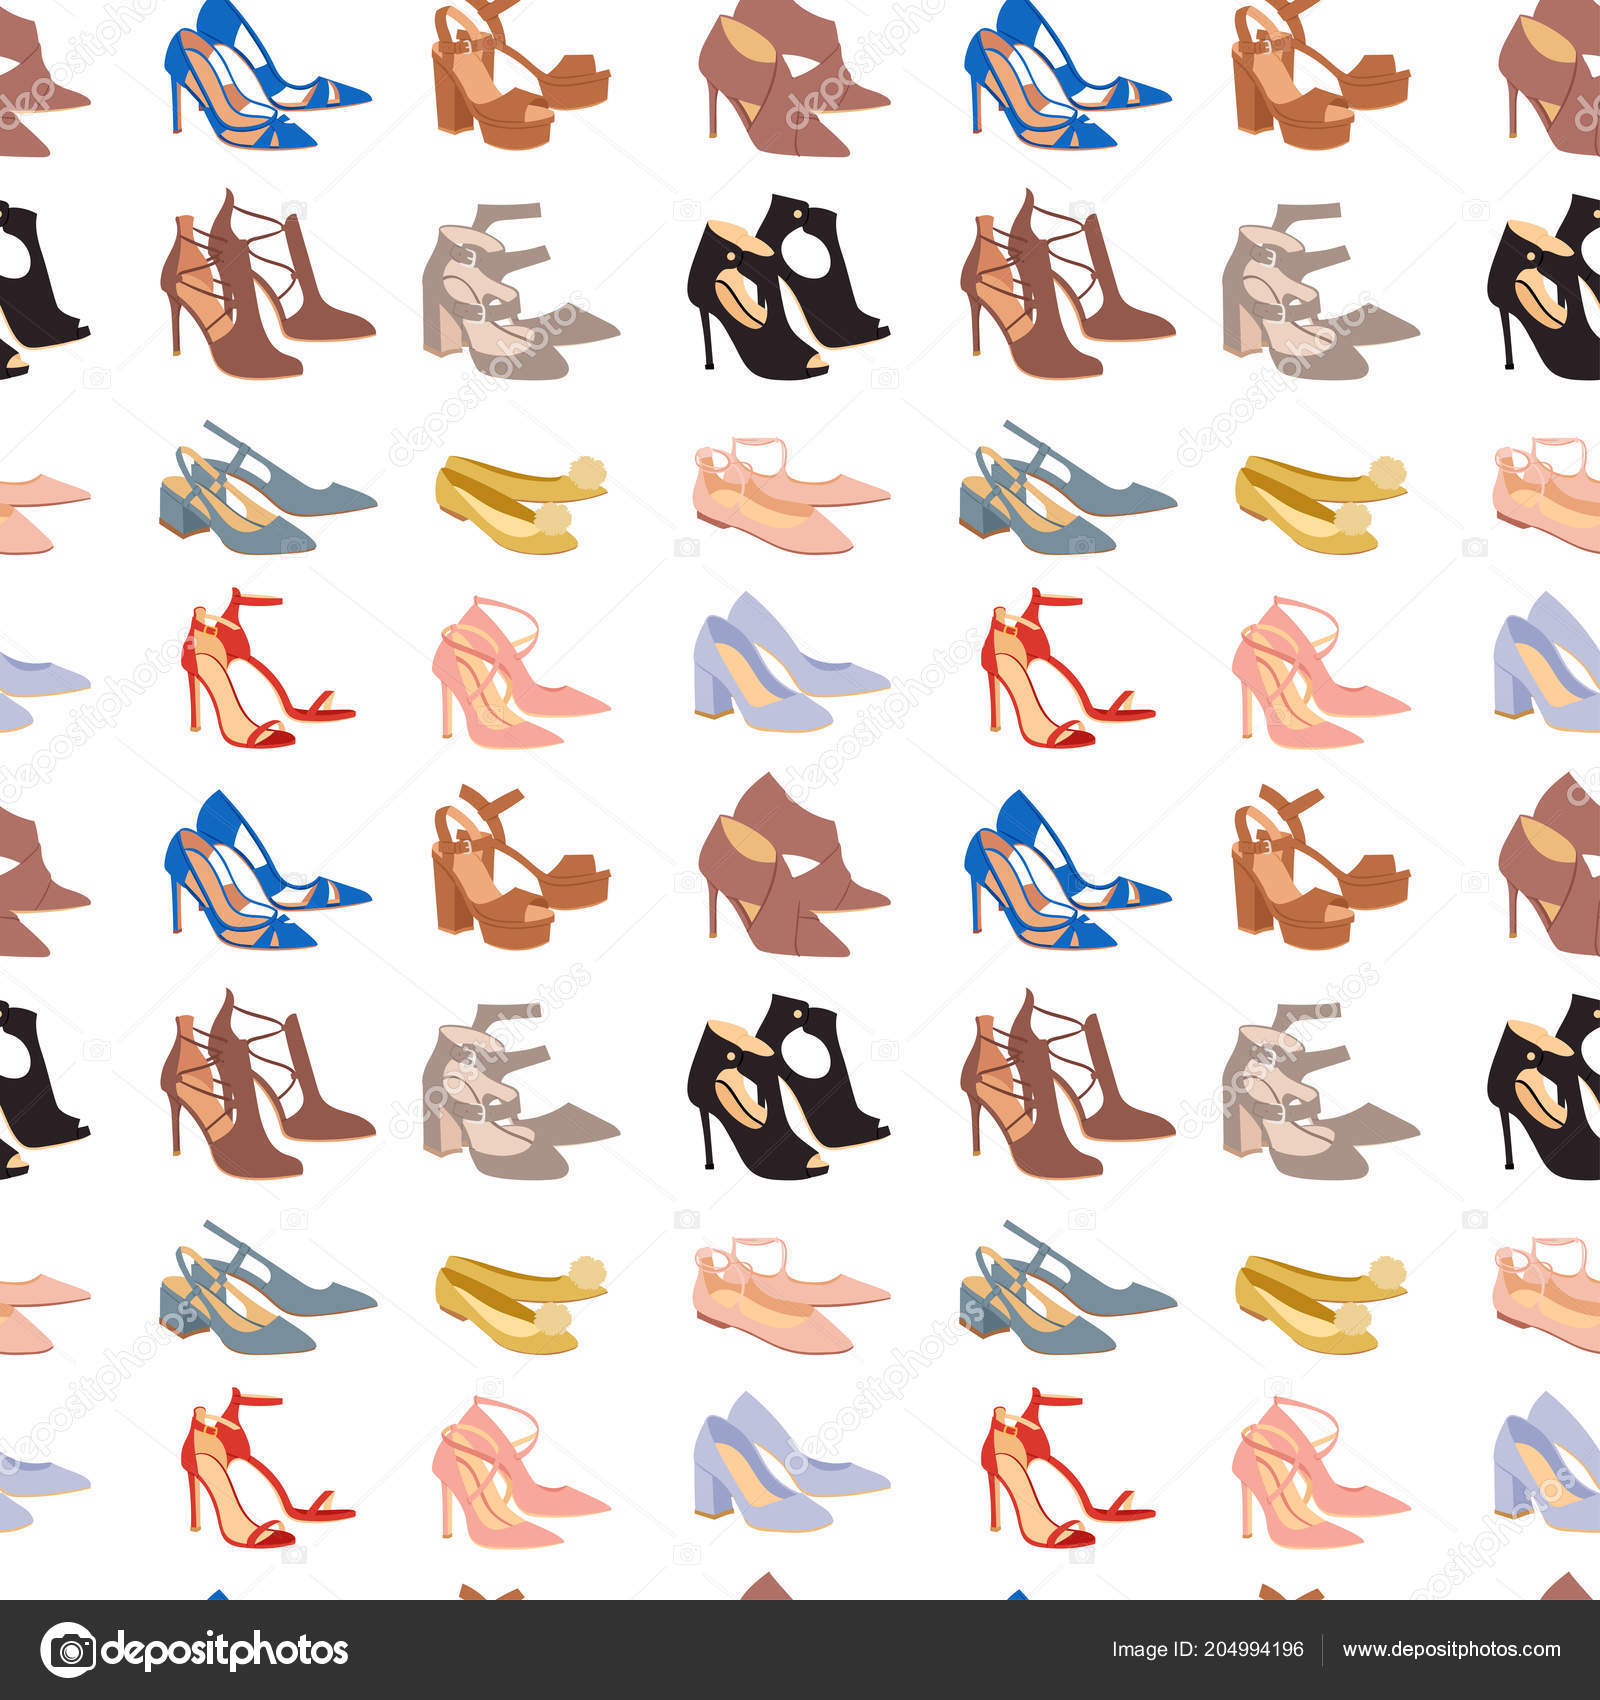 Mujeres zapatos diseño plano vector calzado zapato tienda anuncio ...